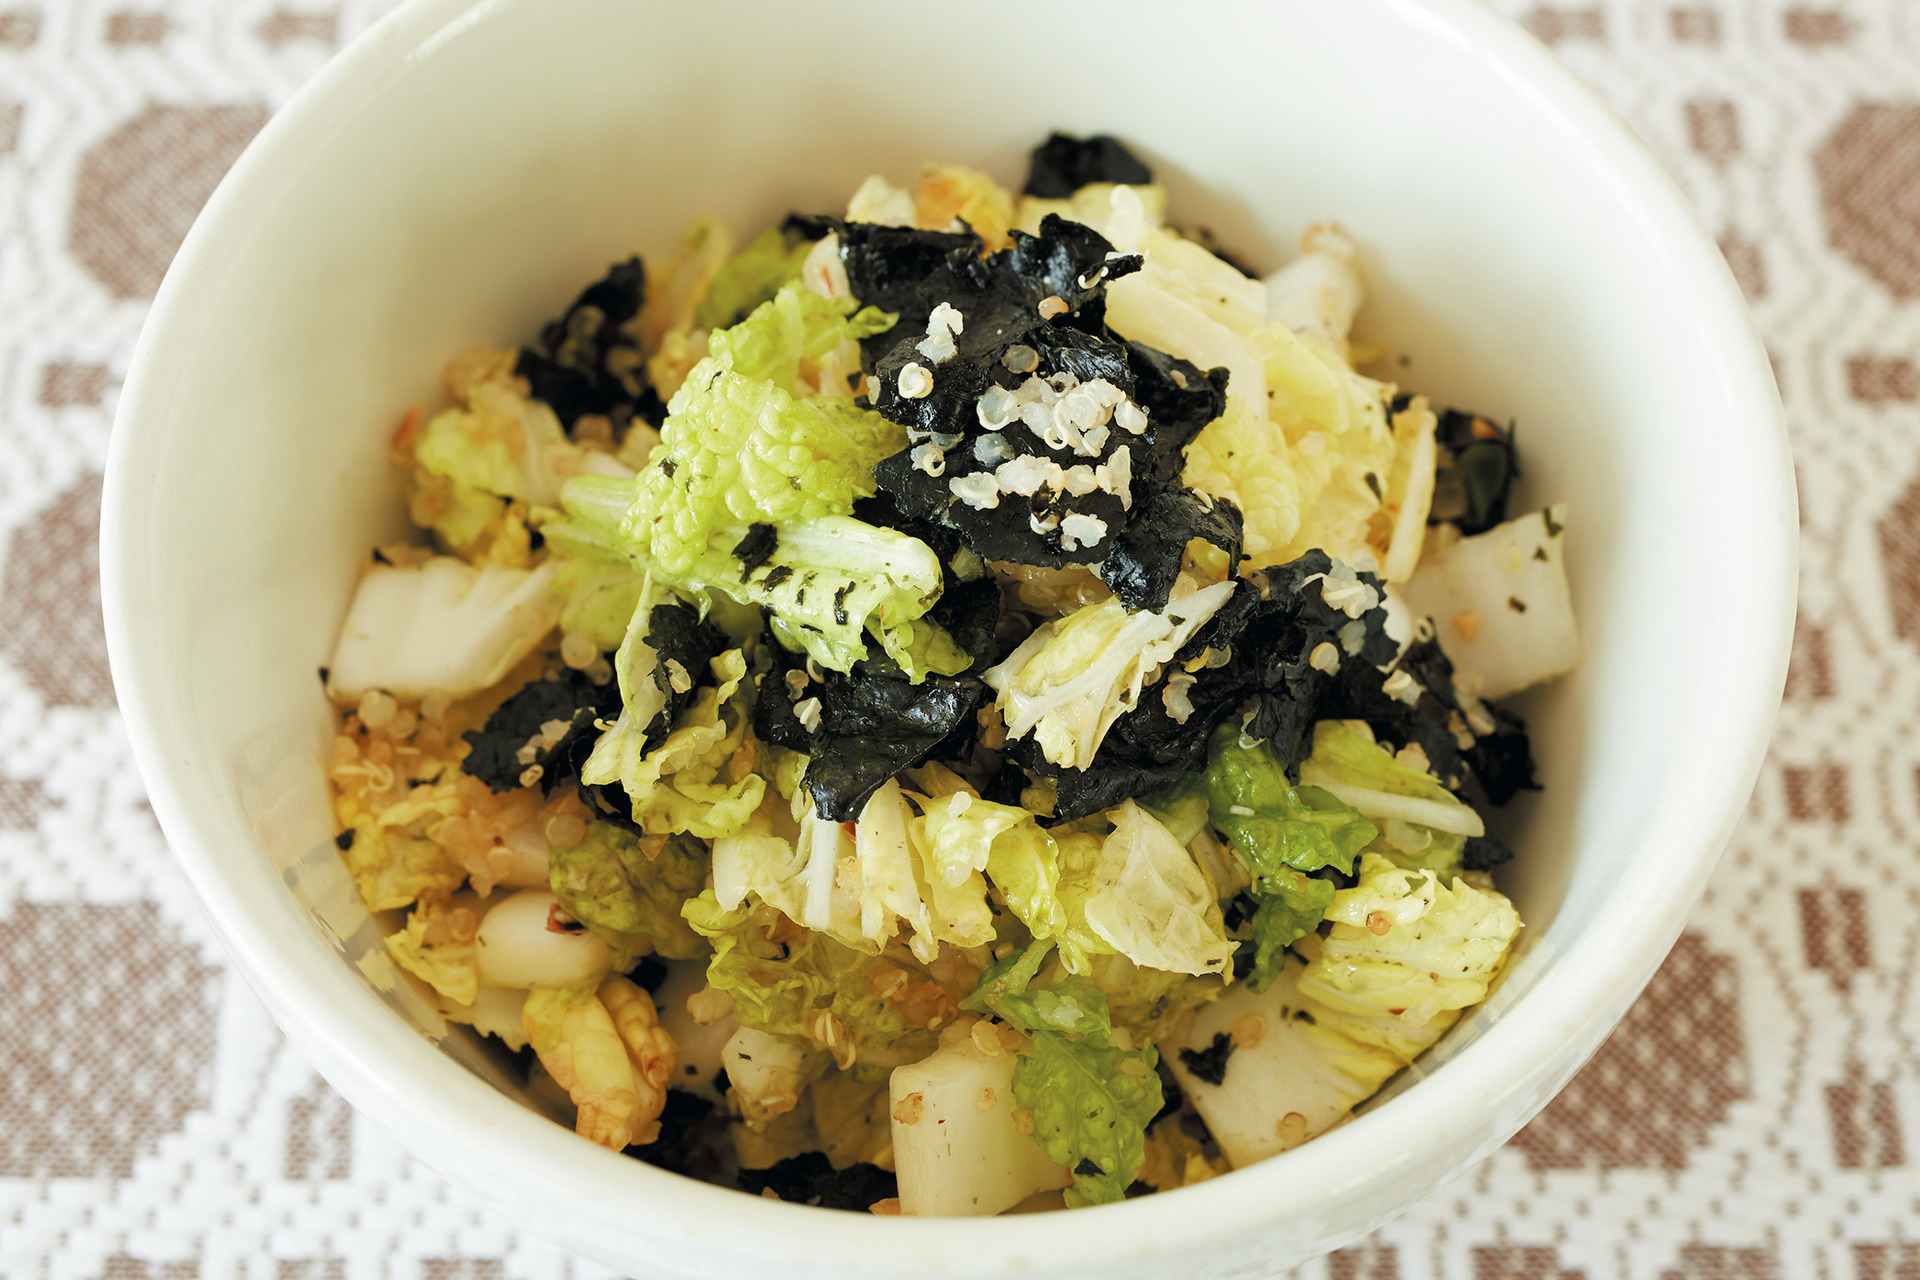 野菜の歯ざわりとさわやかな香りを楽しむ 白菜とキヌアのサラダ_1_1